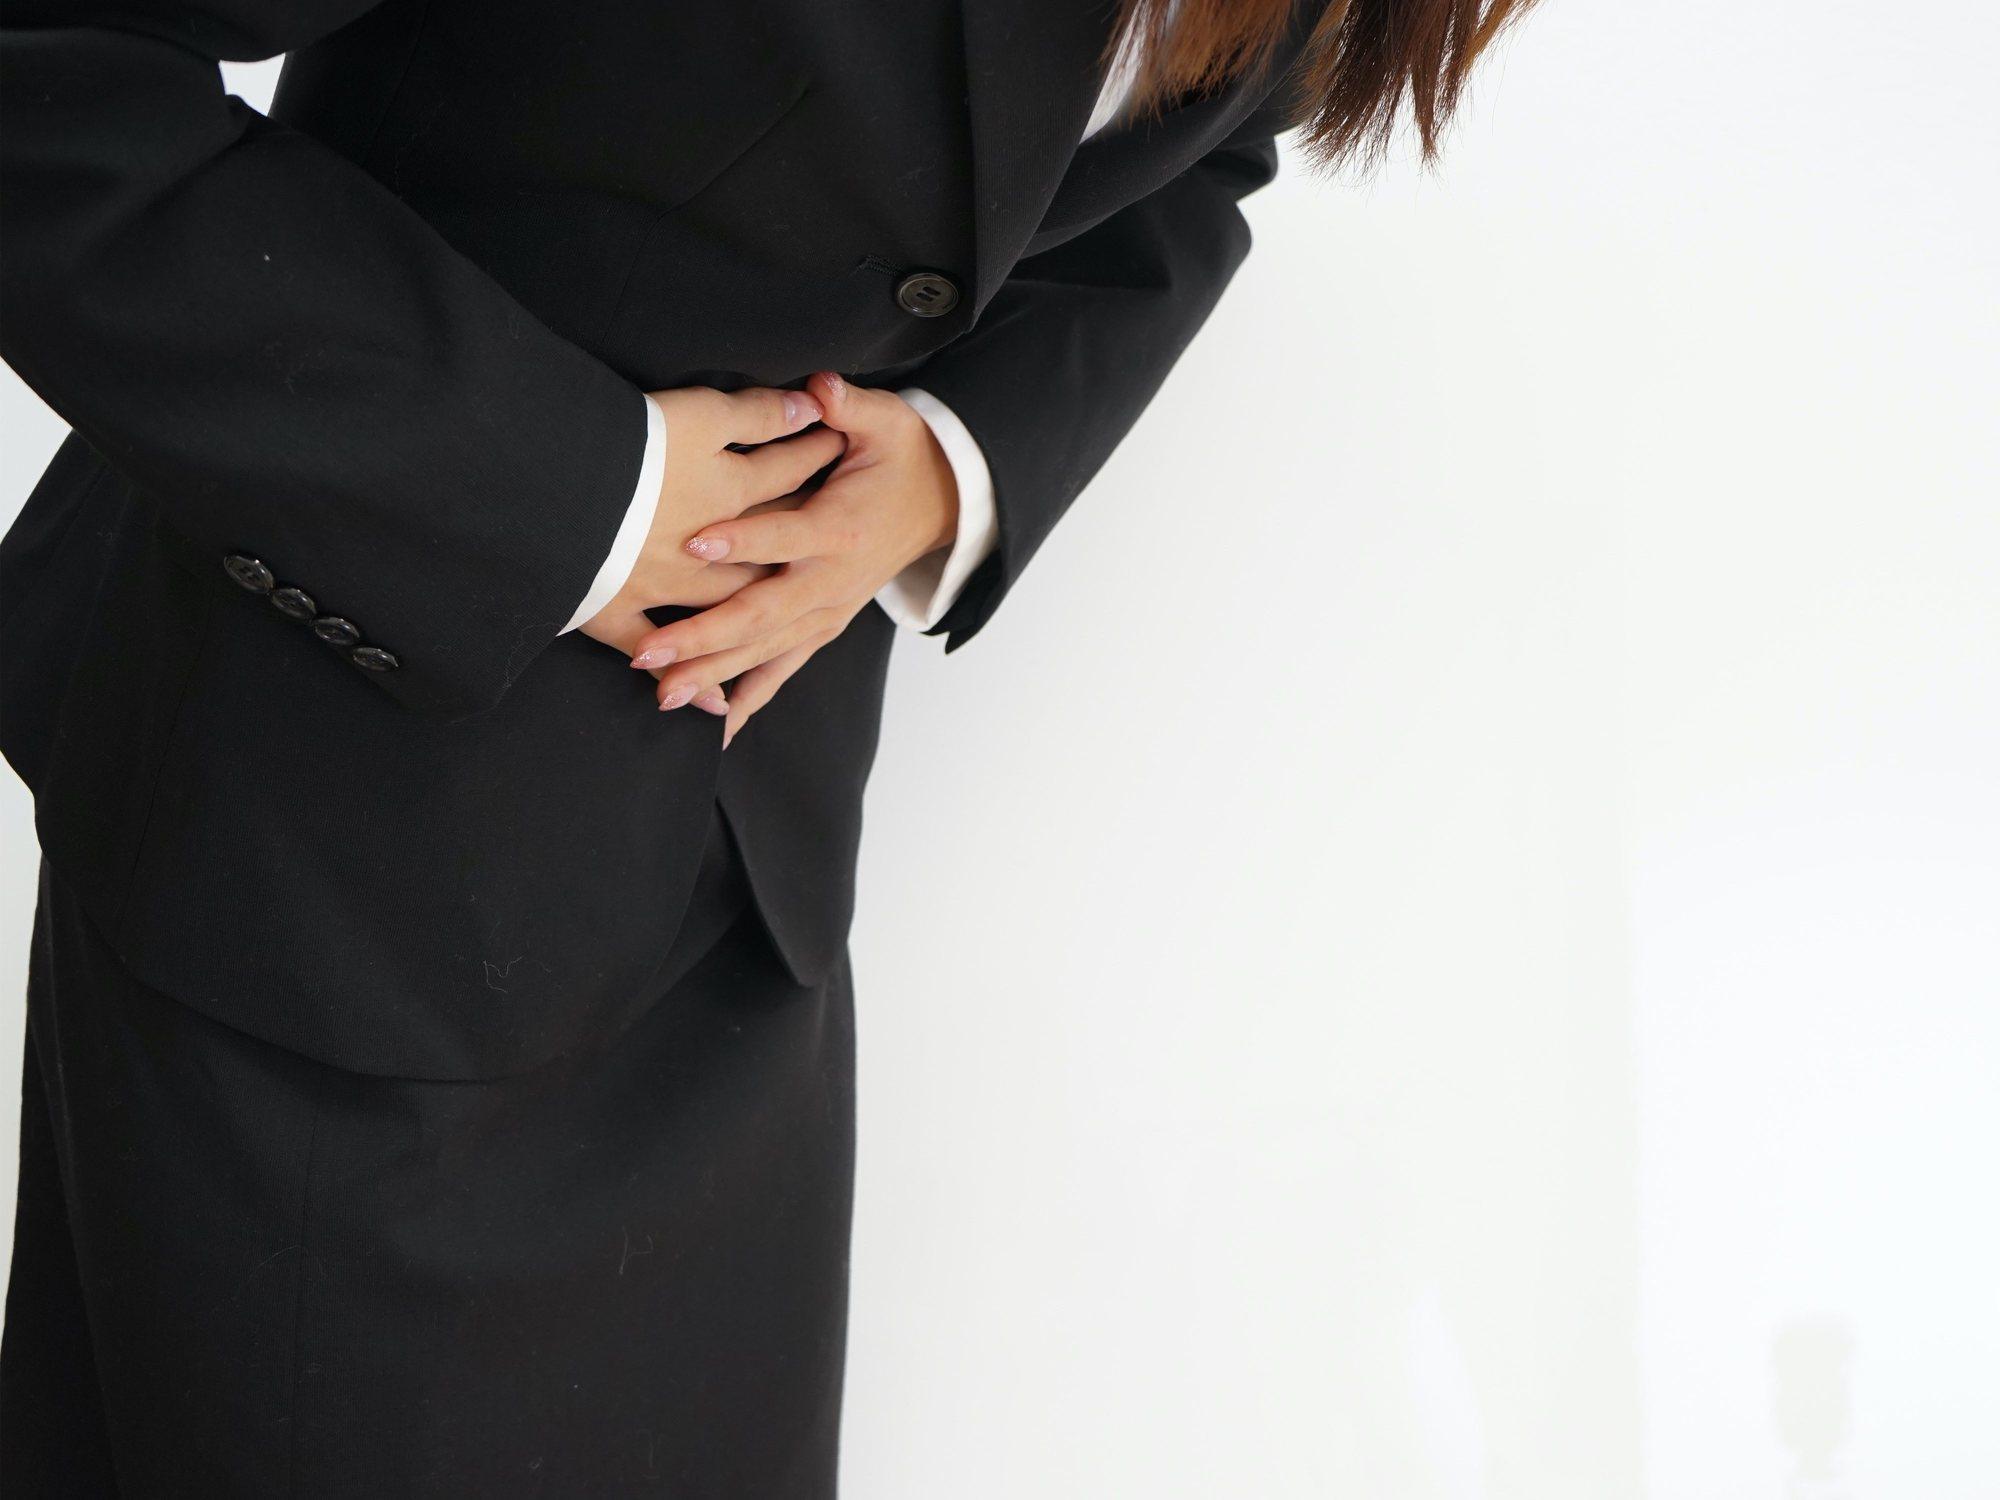 Polémica en Japón: una tienda pone distintivos menstruales a sus empleadas